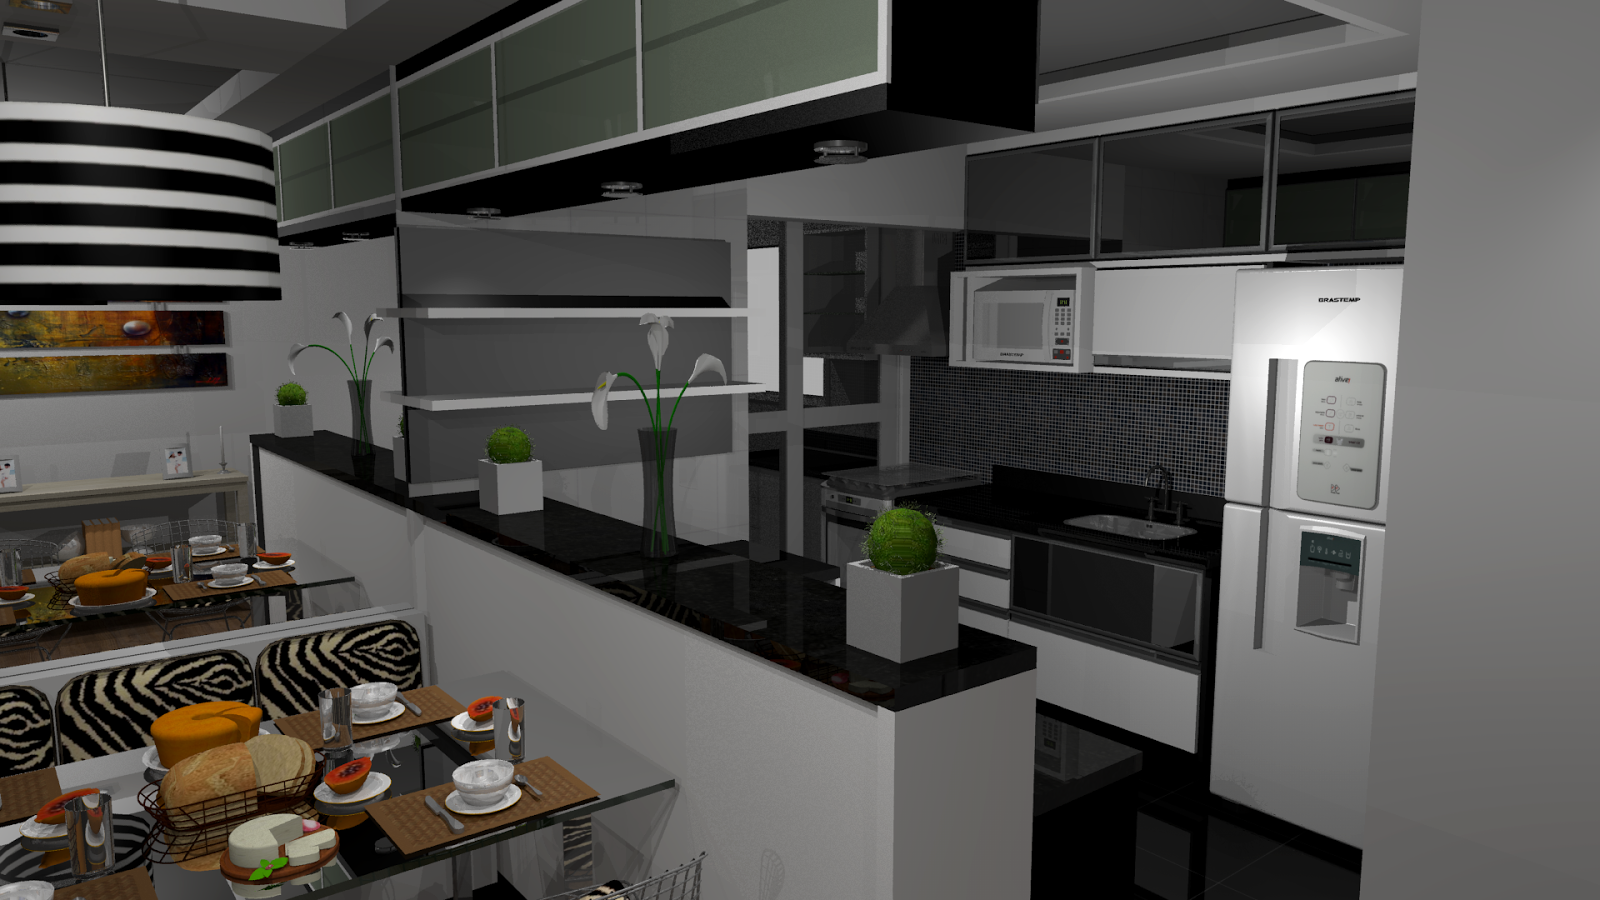 Copa Cozinha Moderna Cozinha Copa Planejados Decorao Arquitetura